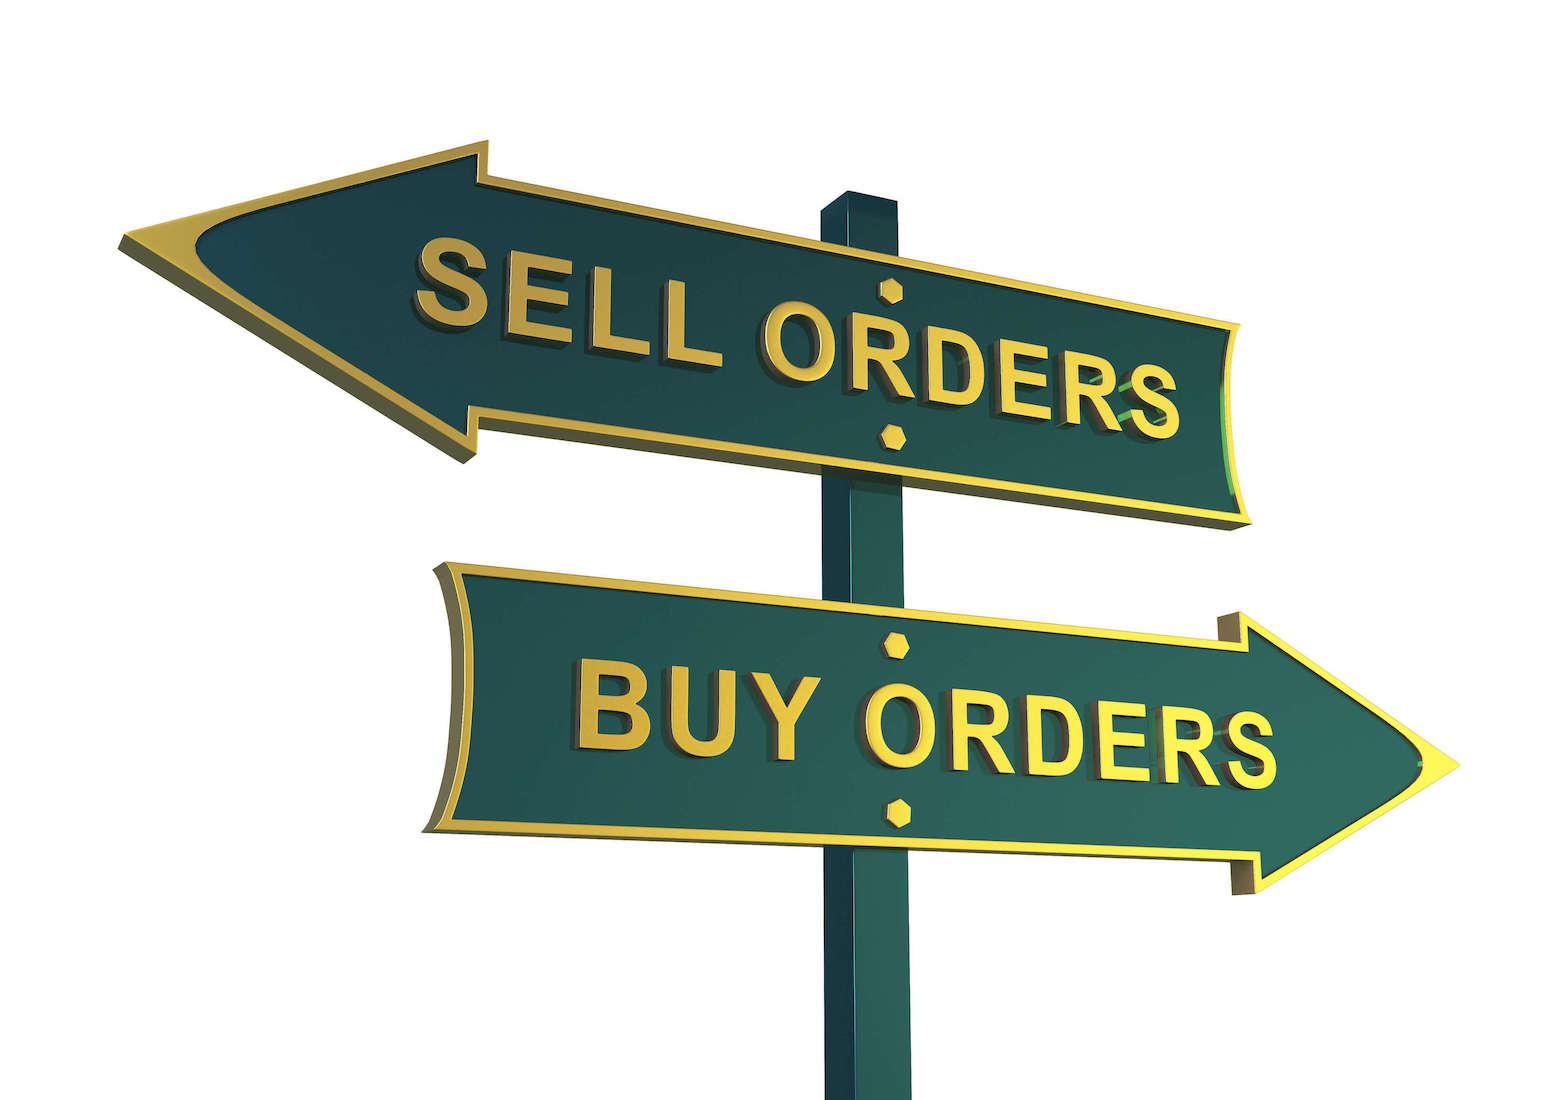 仮想通貨の指値注文とは?成行注文、逆指値注文についても解説